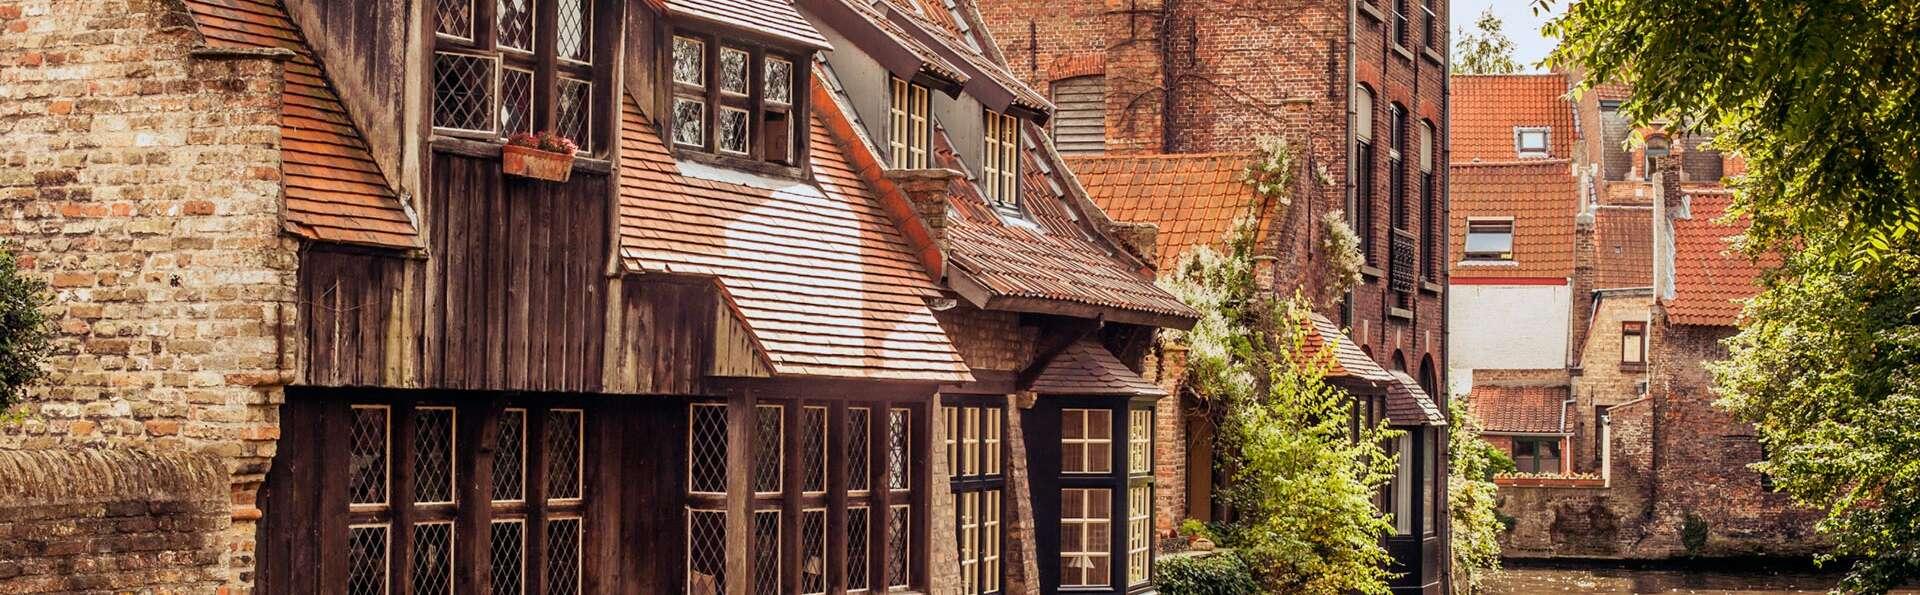 Week-end culturel avec visite de l'Historium de Bruges (à partir de 2 nuits)